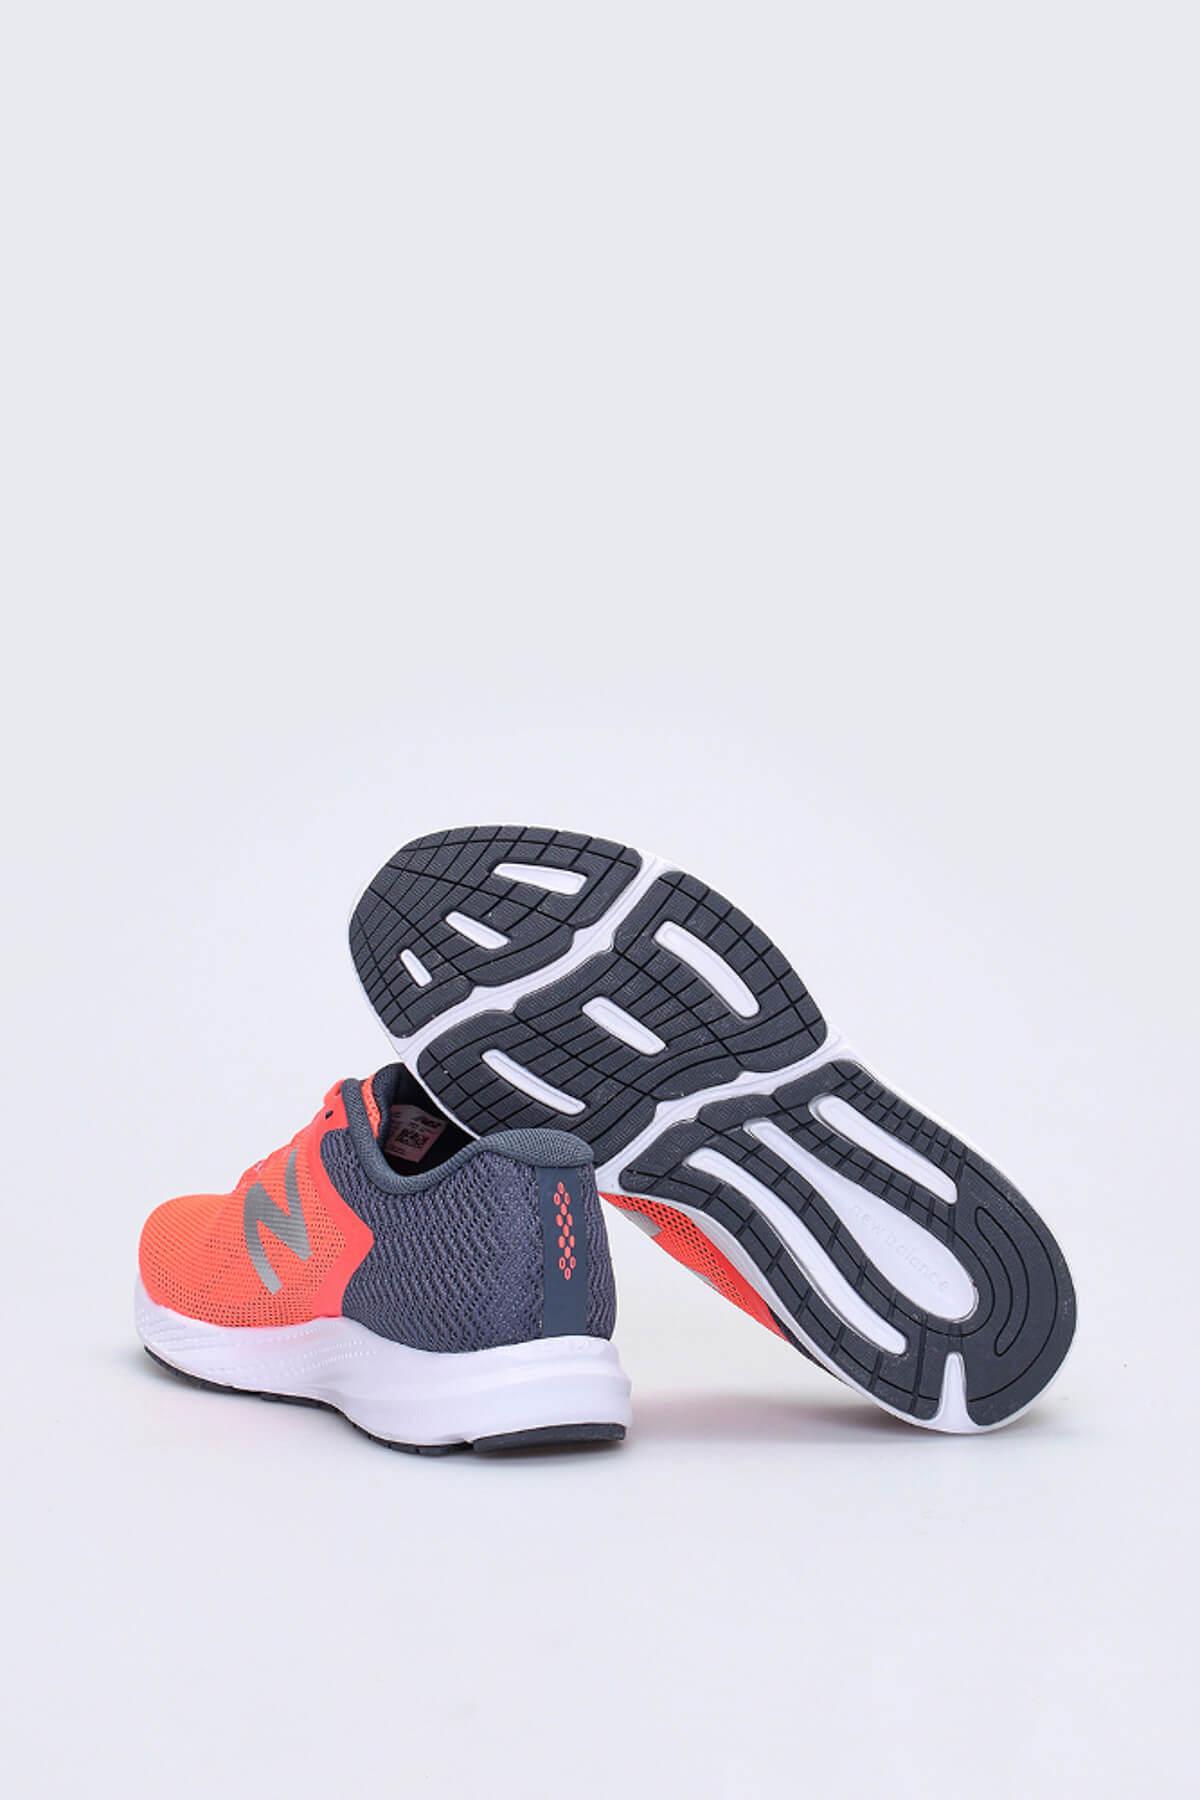 New Balance Kadın Koşu & Antrenman Ayakkabısı - W490LD6 2